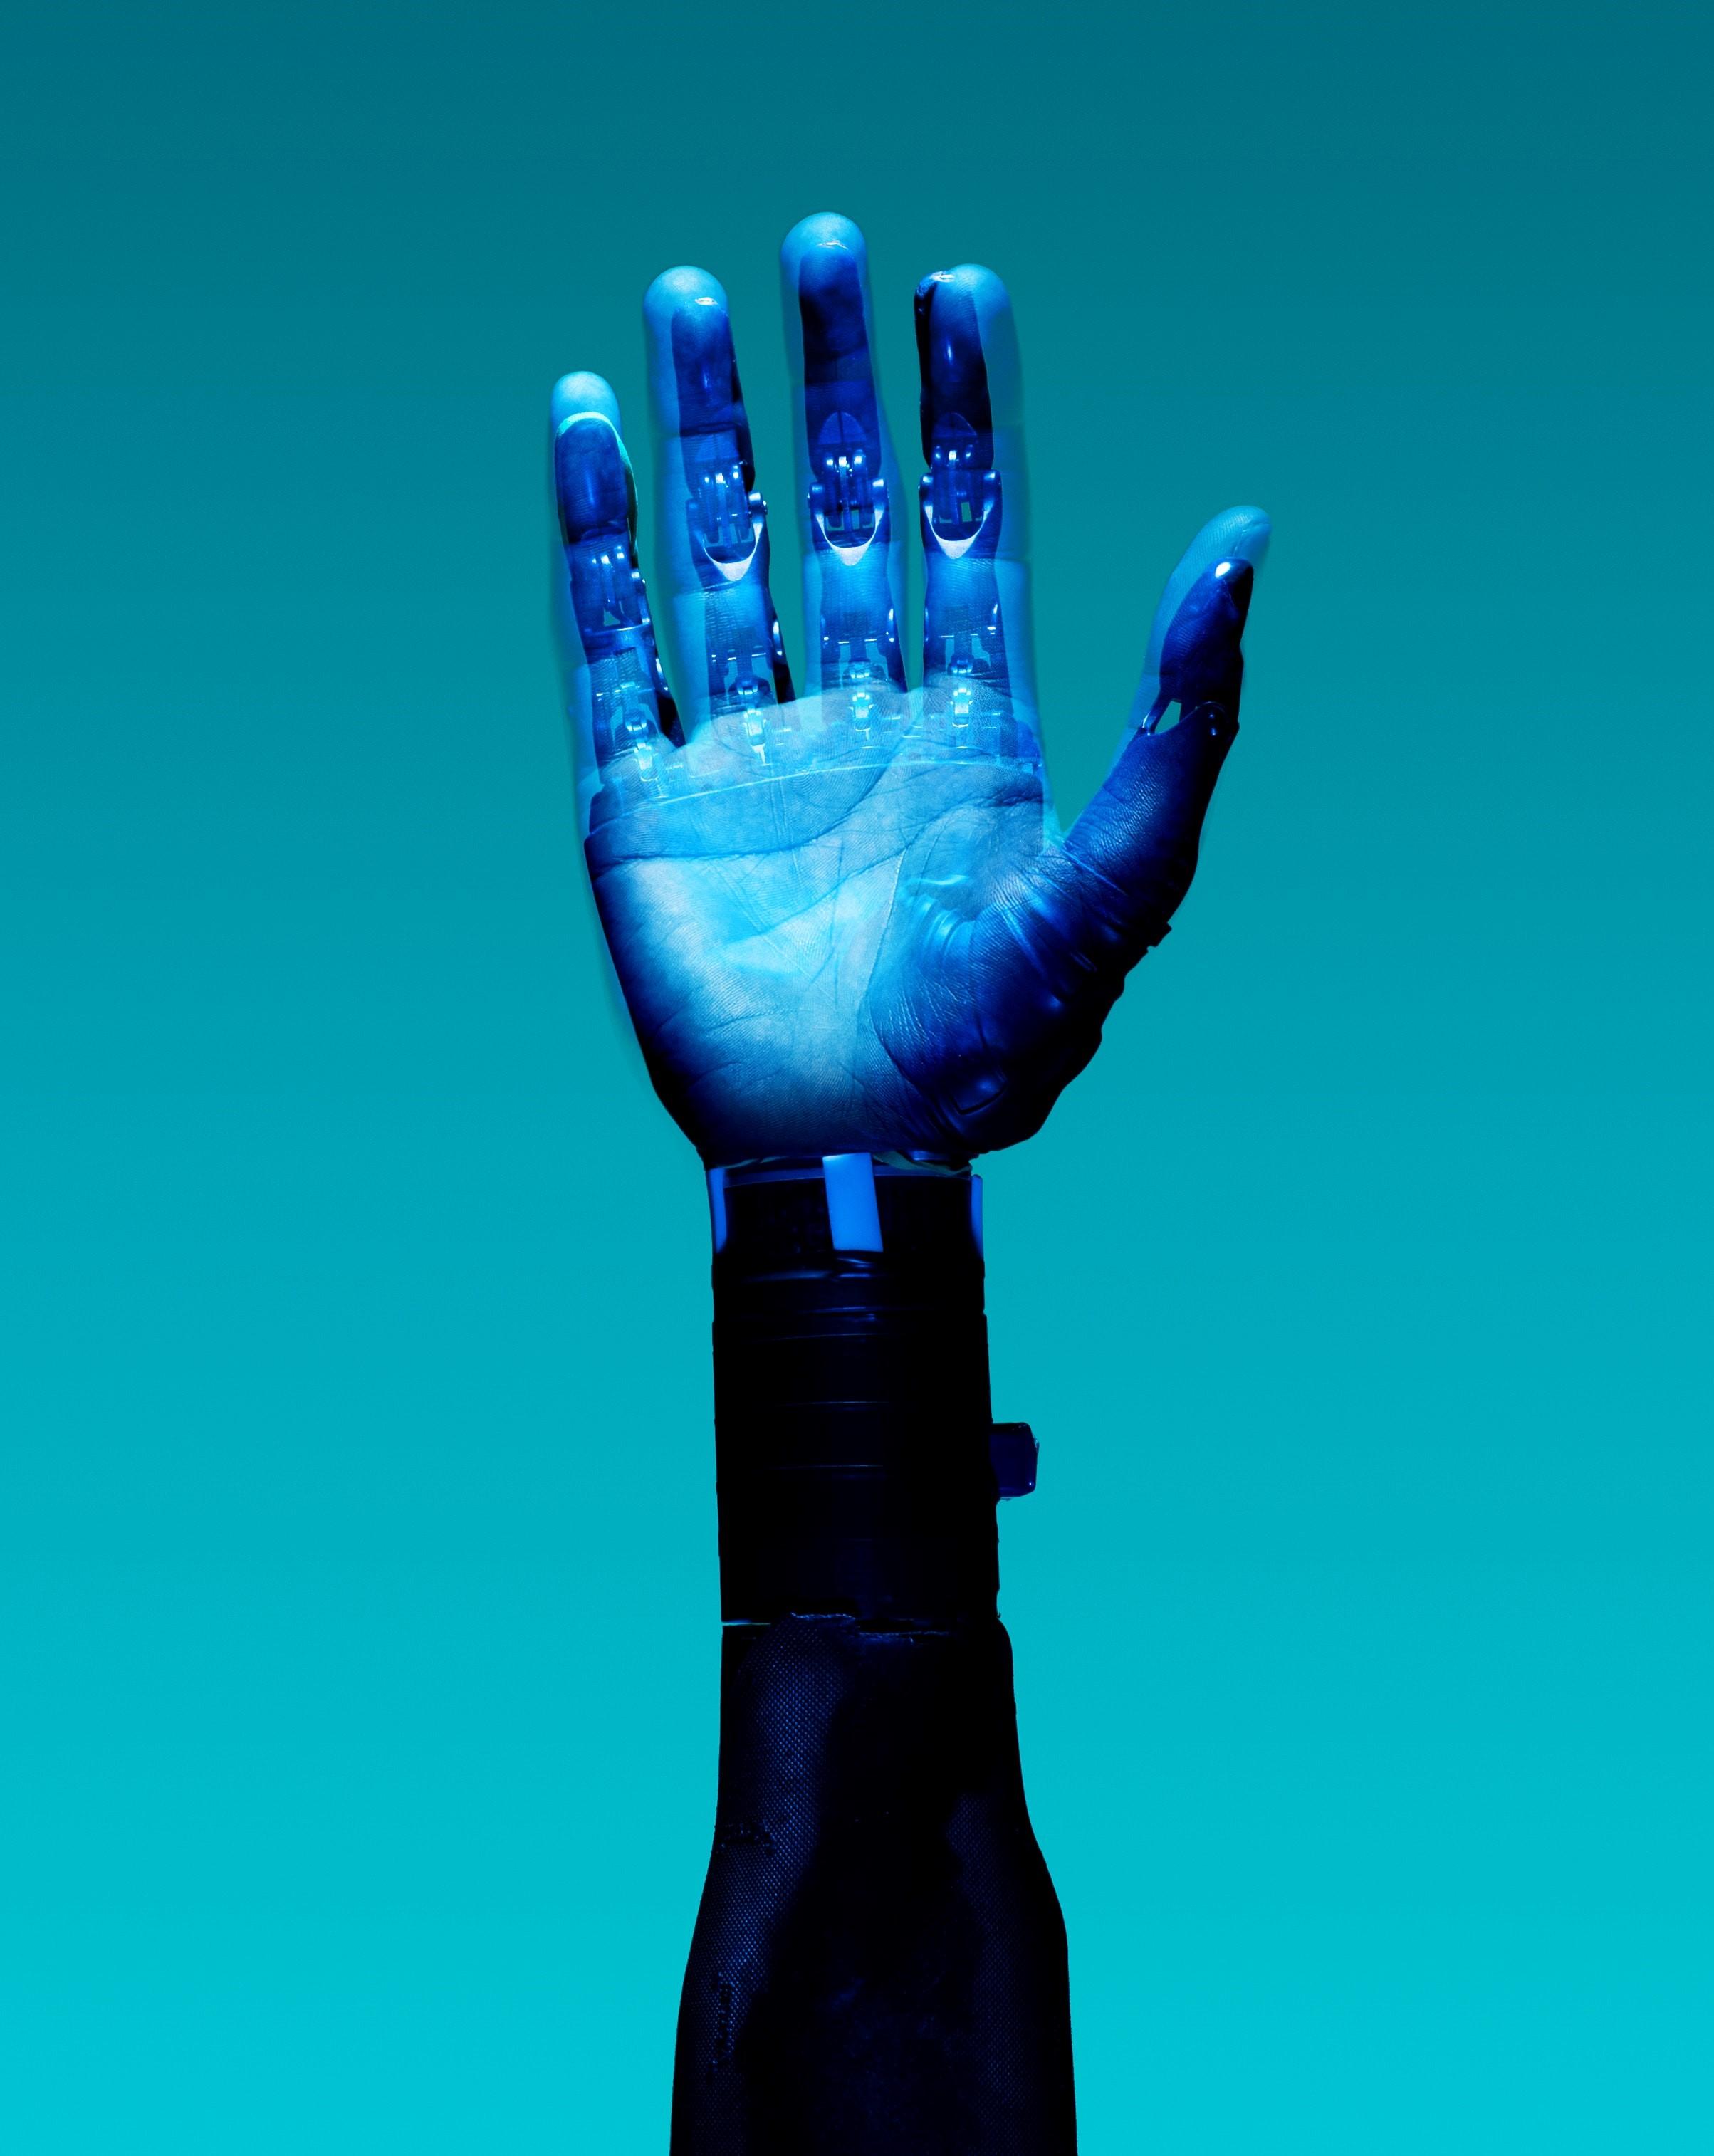 R&D Arm Blue-1